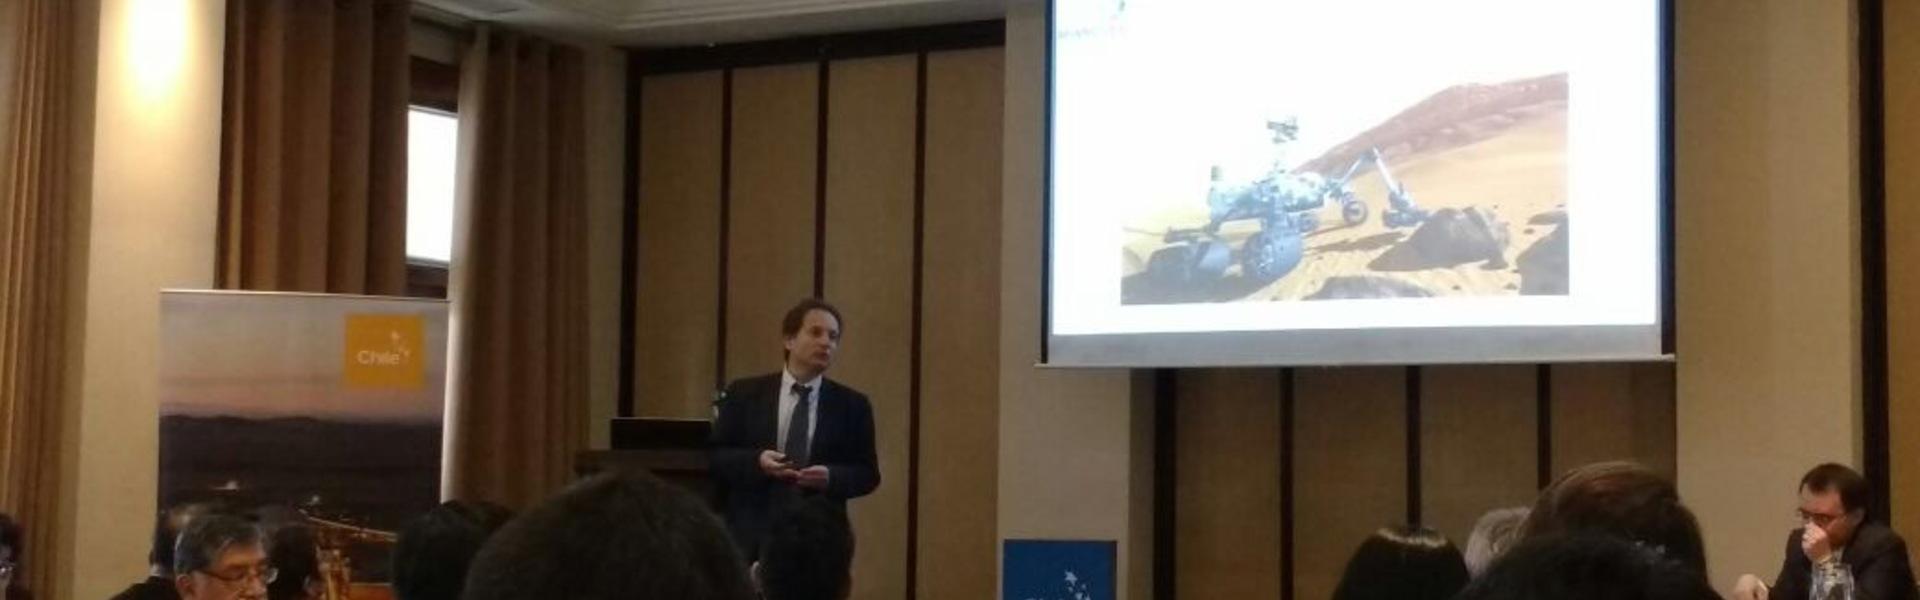 """CEO DE SK GODELIUS PARTICIPA EN EL TALLER """"TECNOLOGÍA E INNOVACIÓN PARA EL DESARROLLO SUSTENTABLE"""", REALIZADO EN LIMA"""